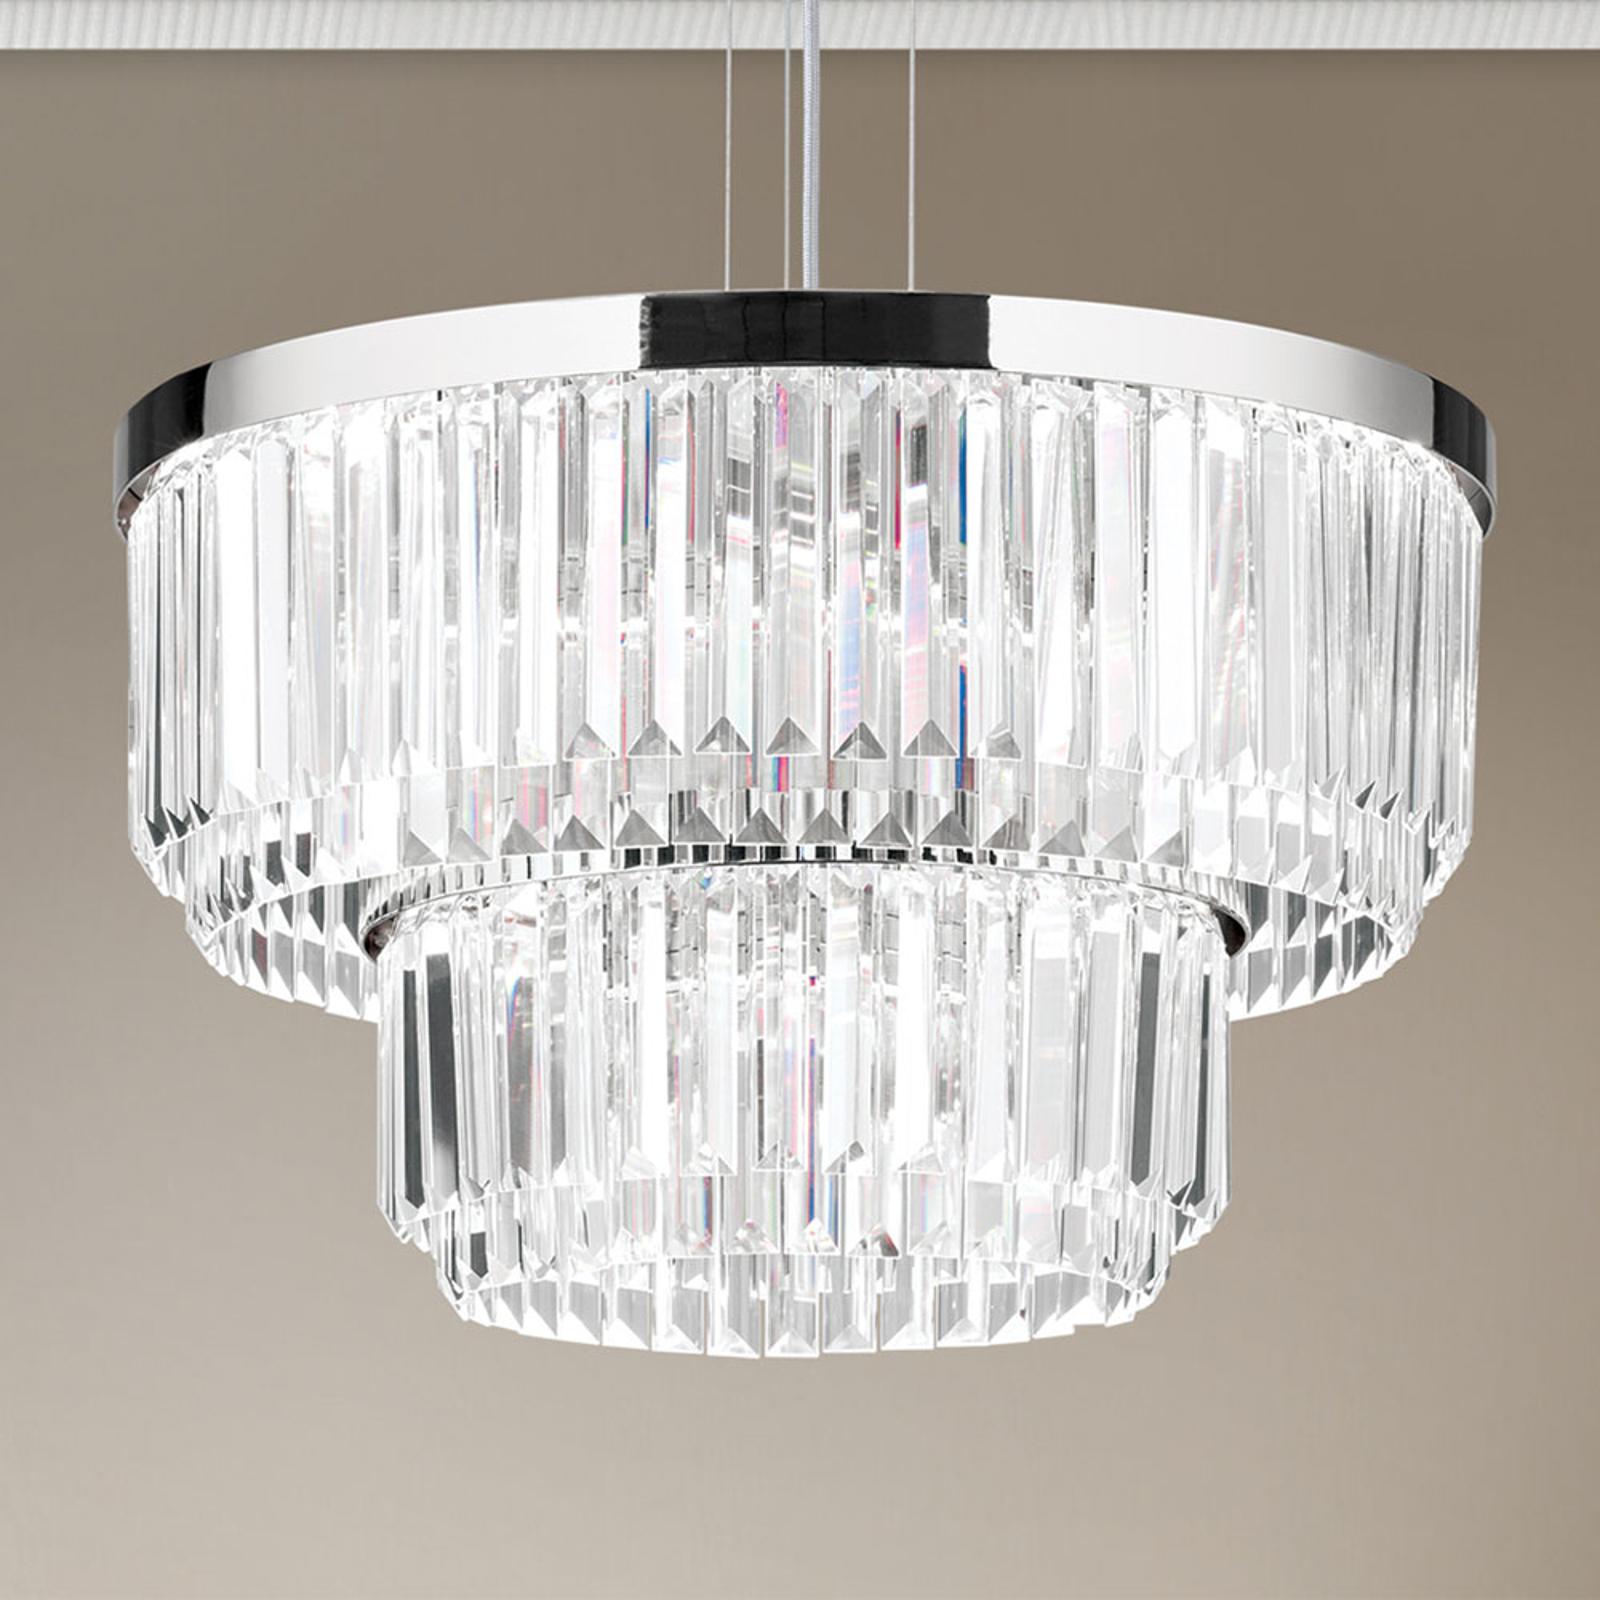 Lampa wisząca LED Prism, okrągła, chrom